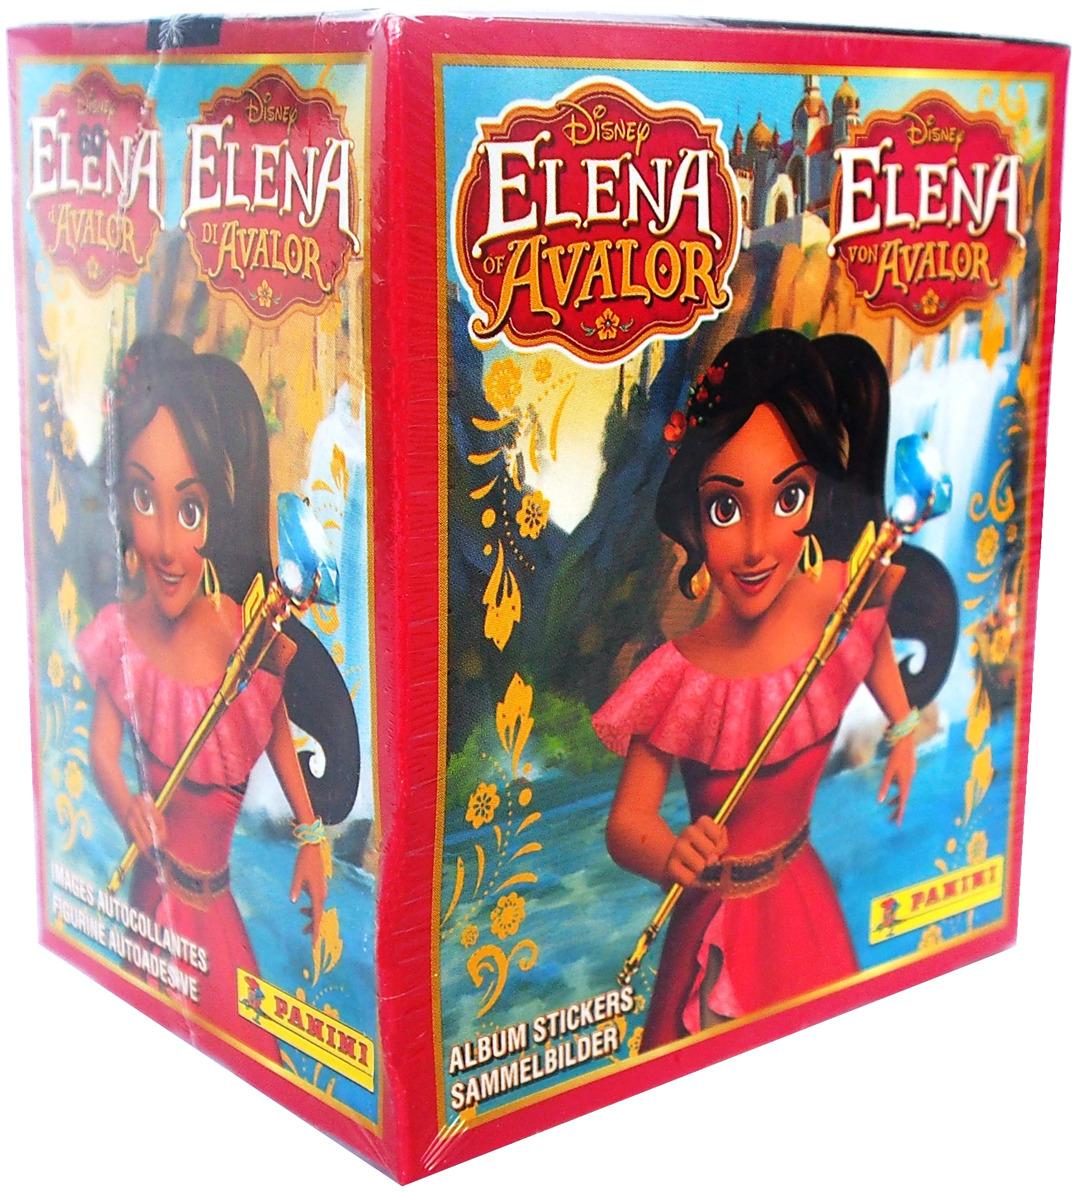 Набор наклеек Panini Elena of Avalor / Елена - принцесса Авалора, 50 пакетиков по 5 шт набор наклеек panini elena of avalor елена принцесса авалора 5 шт